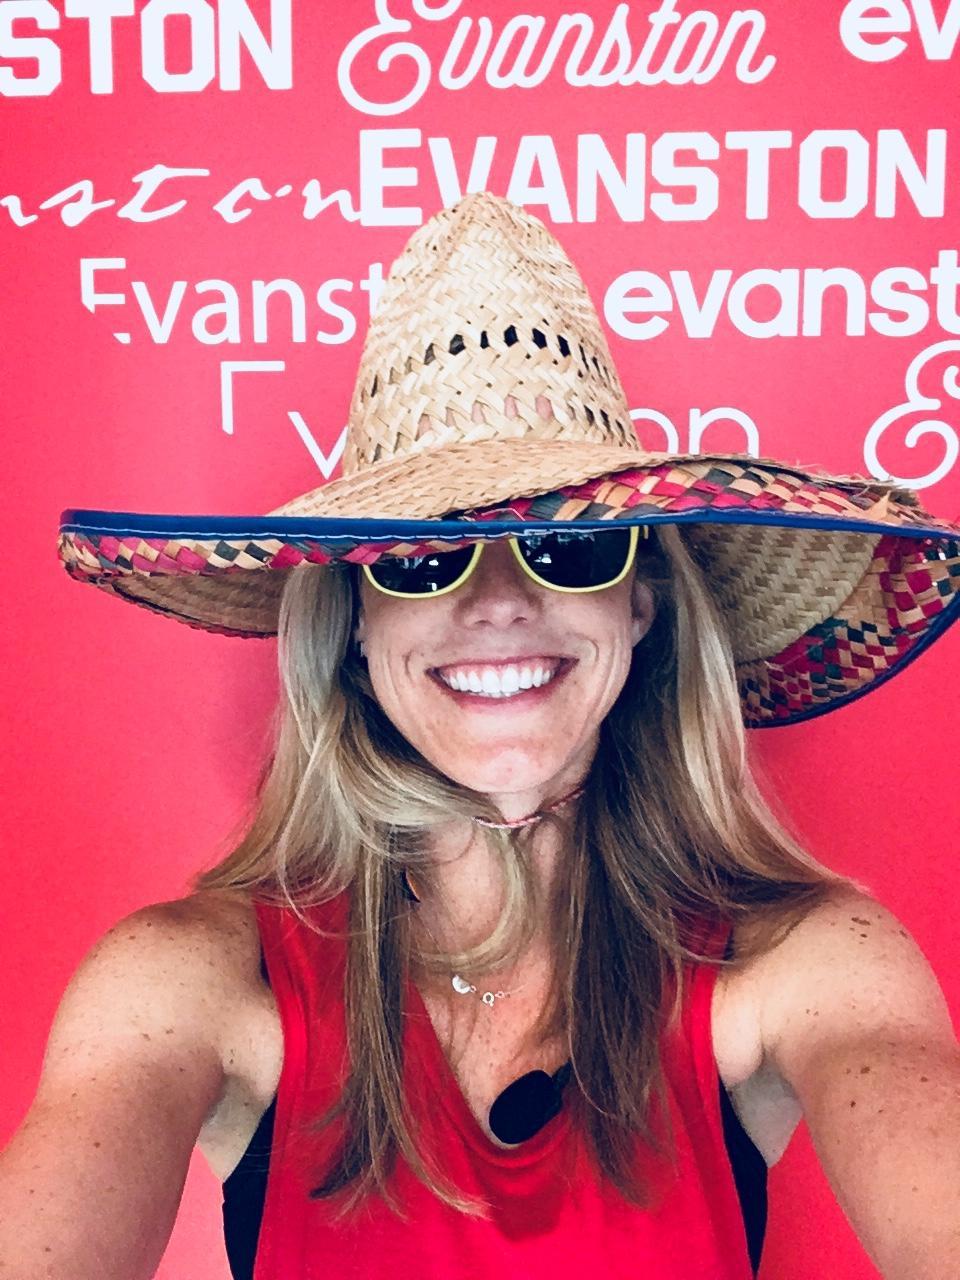 Happy Cinco de Mayo from Cyclestar Alison!